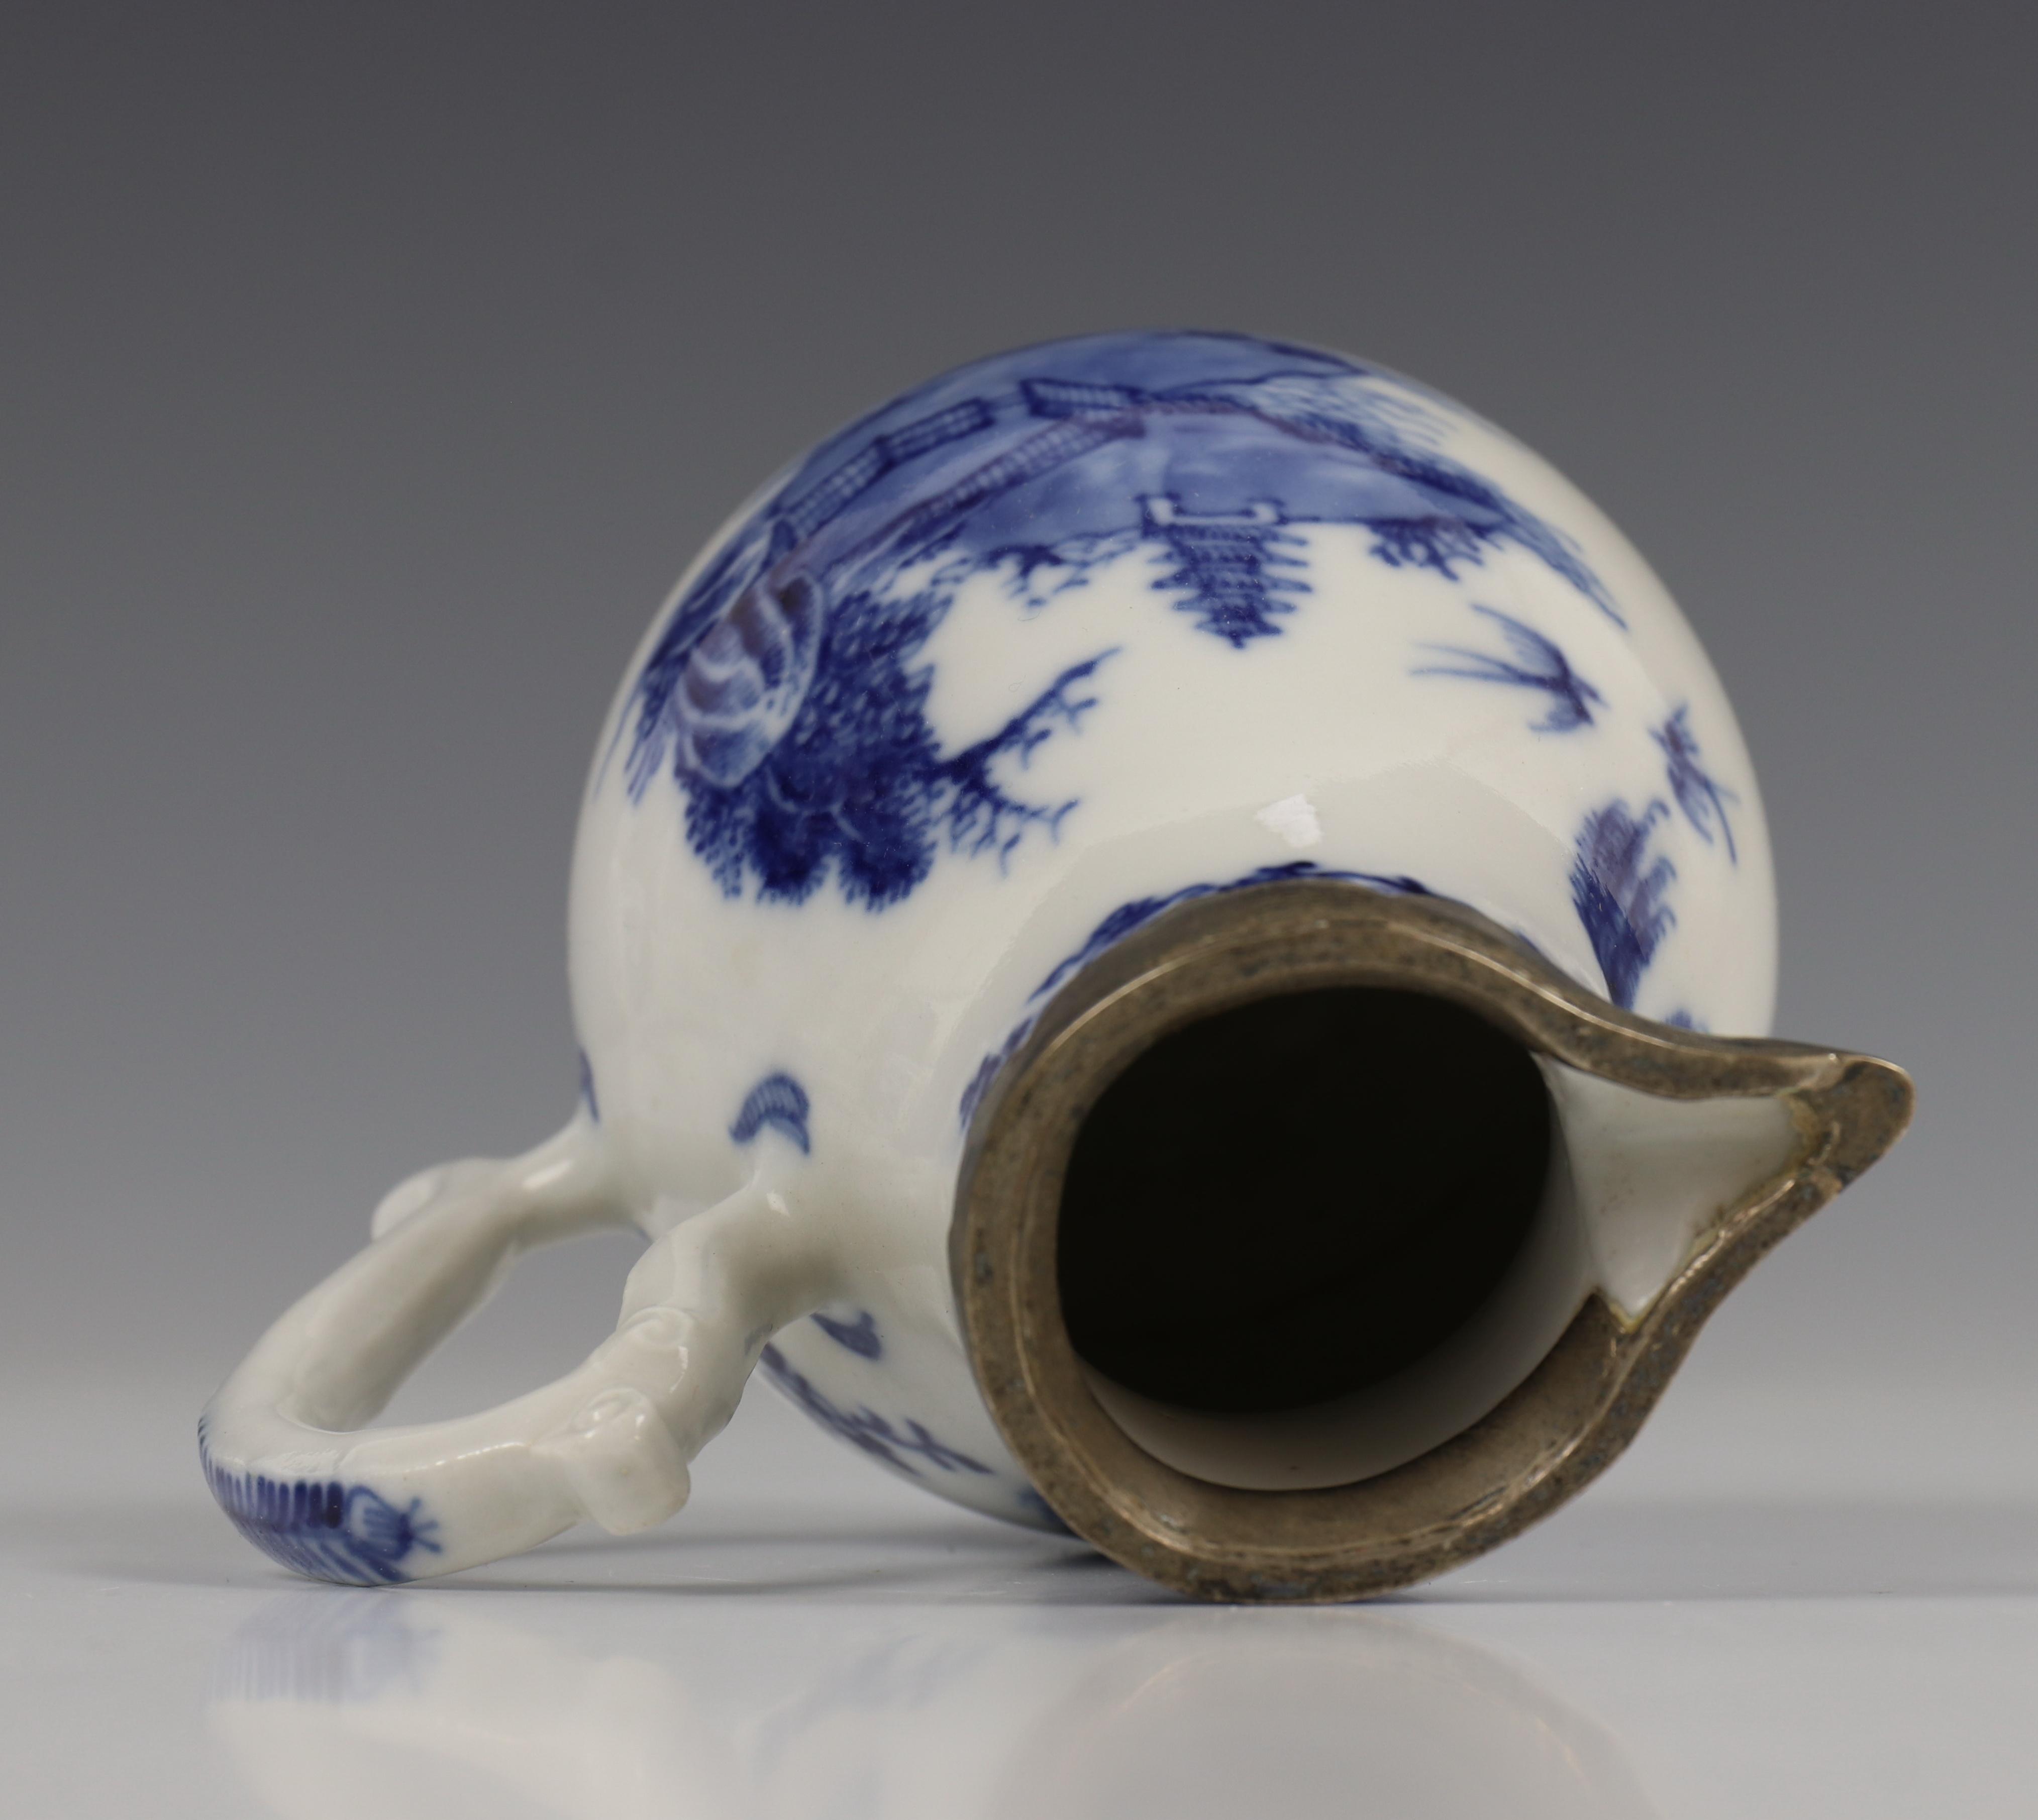 China, blauw-wit porseleinen trekpot, Imari trekpotje en melkkan, 18e eeuw, - Image 5 of 21